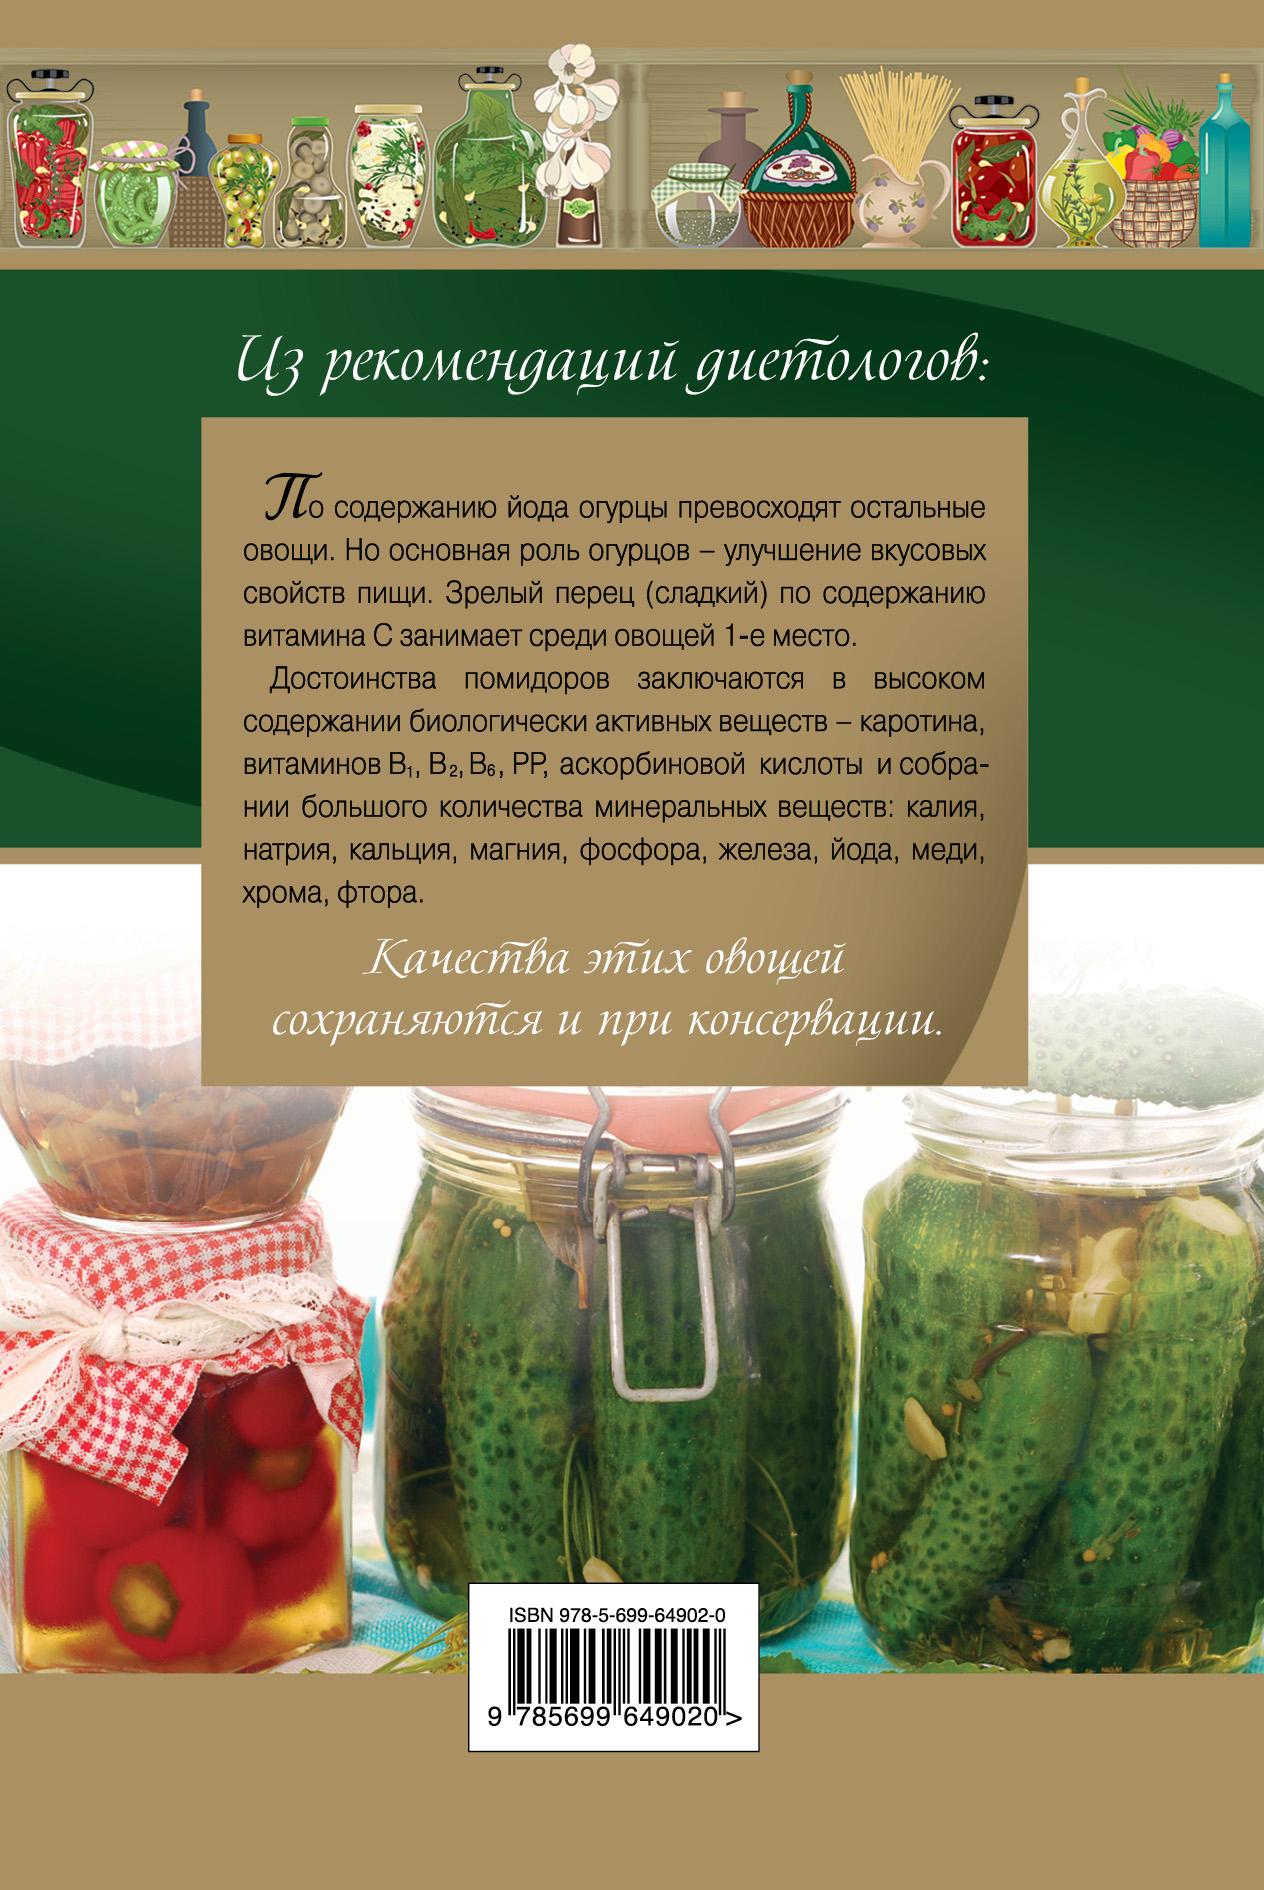 Огурцы в томатном соке на зиму: обалденные рецепты без стерилизации